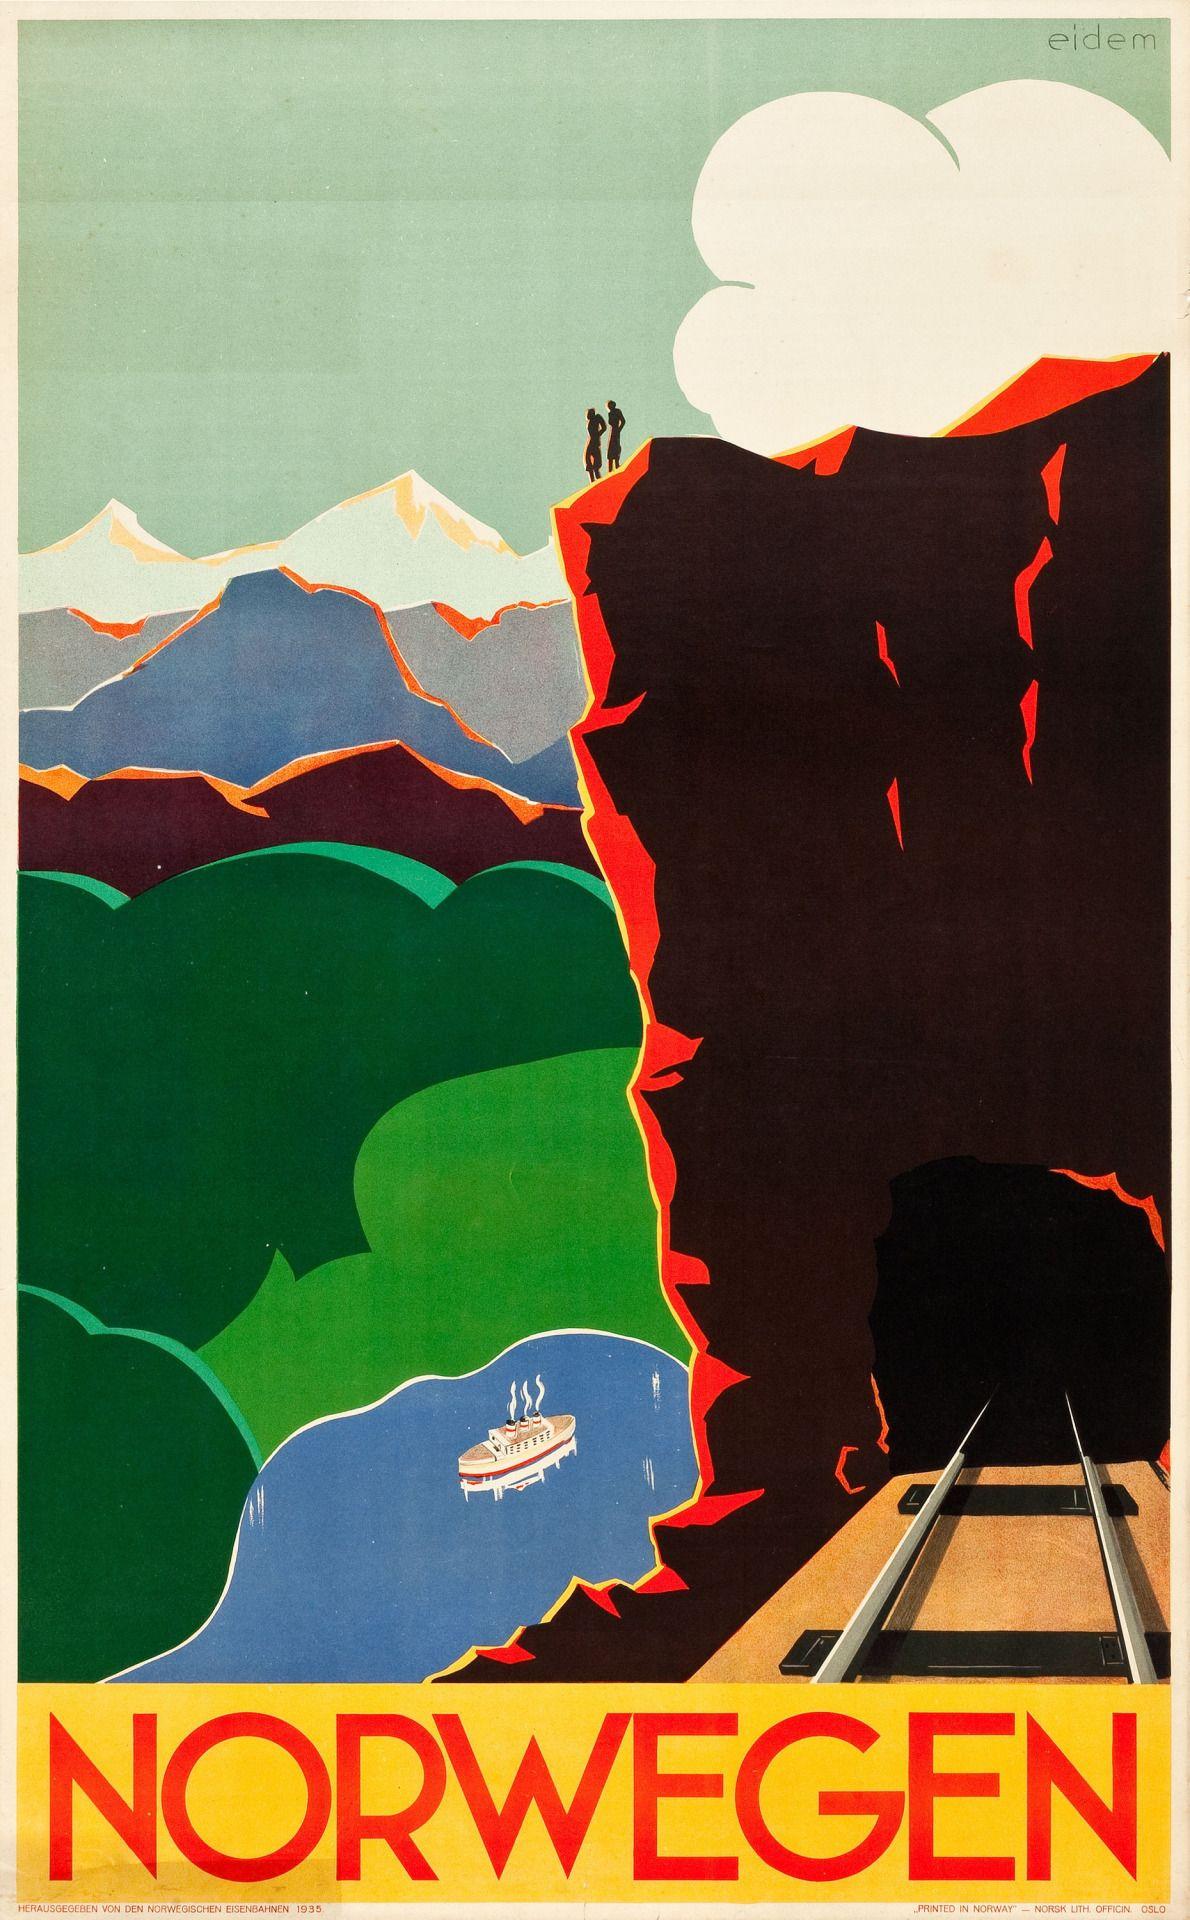 Norway Norwegian Scandinavia Scandinavian Europe Travel Poster Art Advertisement